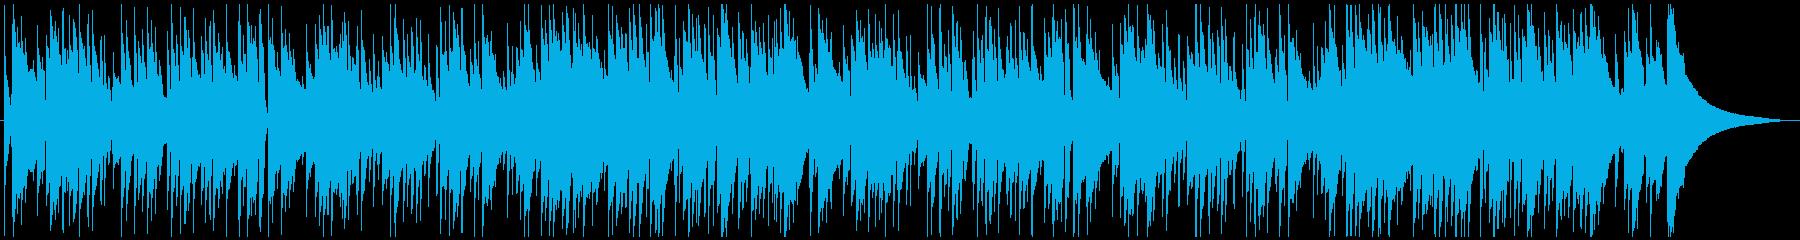 ナイロンギター 爽やか ヤシ 海 温もりの再生済みの波形